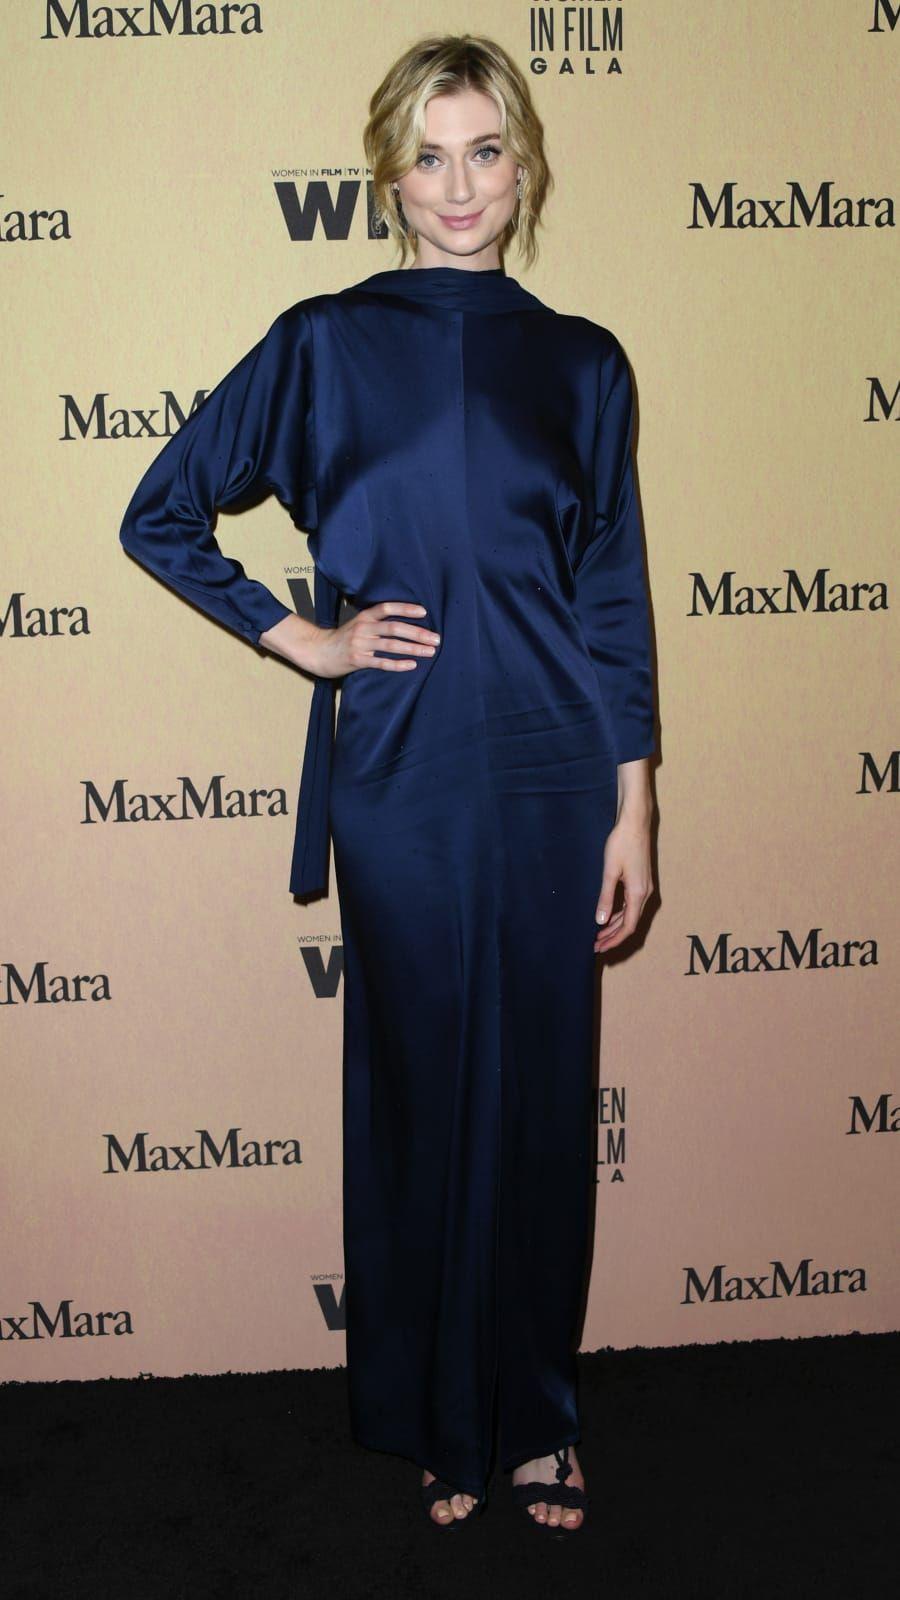 Elizabeth Debicki Thecrown Princessdiana Ladydiana Actress In 2020 Elizabeth Debicki Actresses Princess Diana